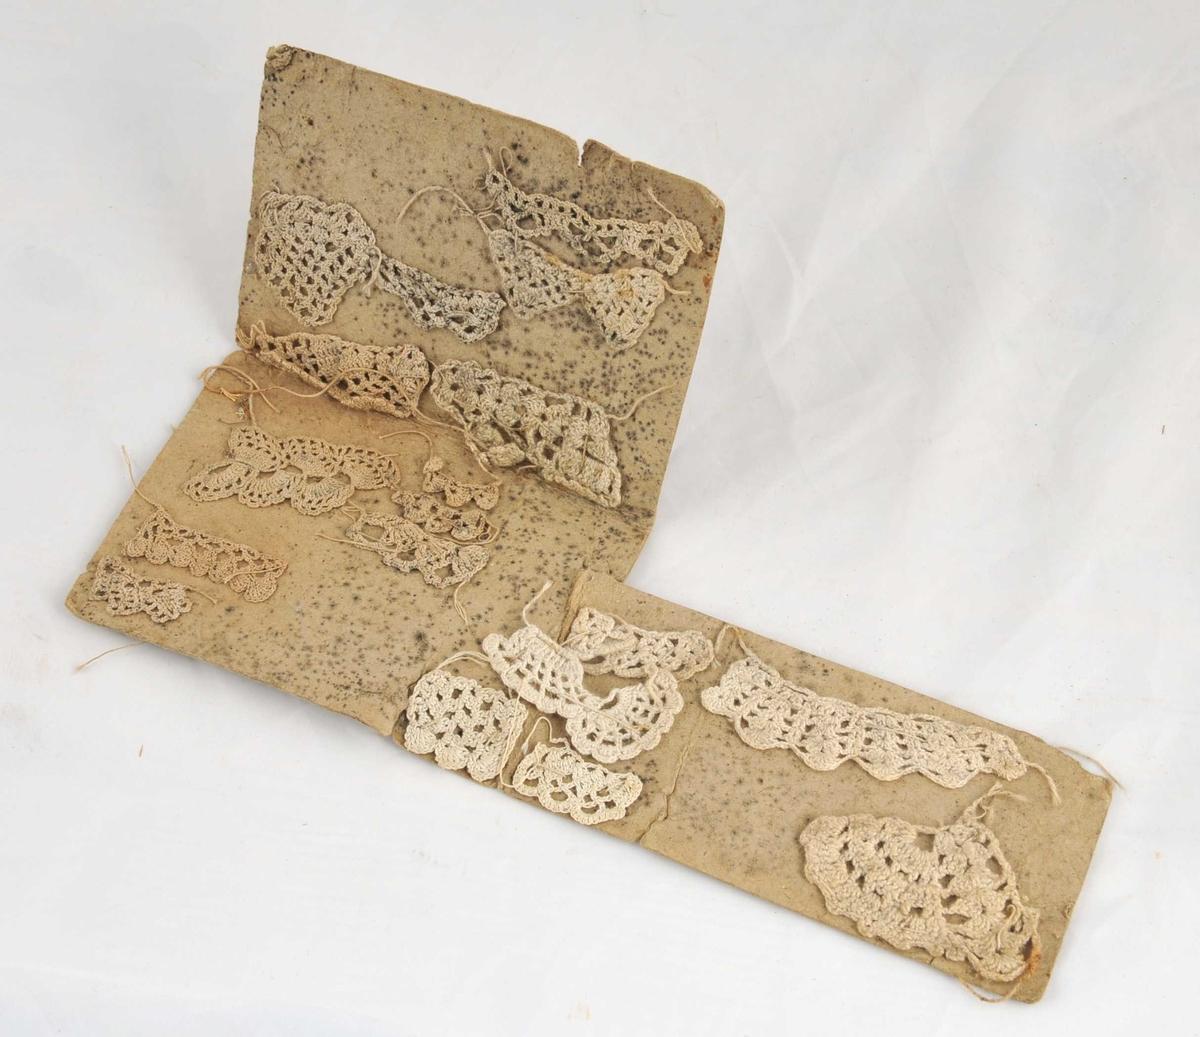 Pappbrev med prøver på forskjellige hekleteknikkar, 18 i alt. Pappen er morken. Prøvene er sydde fast med store sting. Prøvelappen er sett saman an to rektangulære stykke der det minste står vinkelrett på det største. Lappen har jordslag.